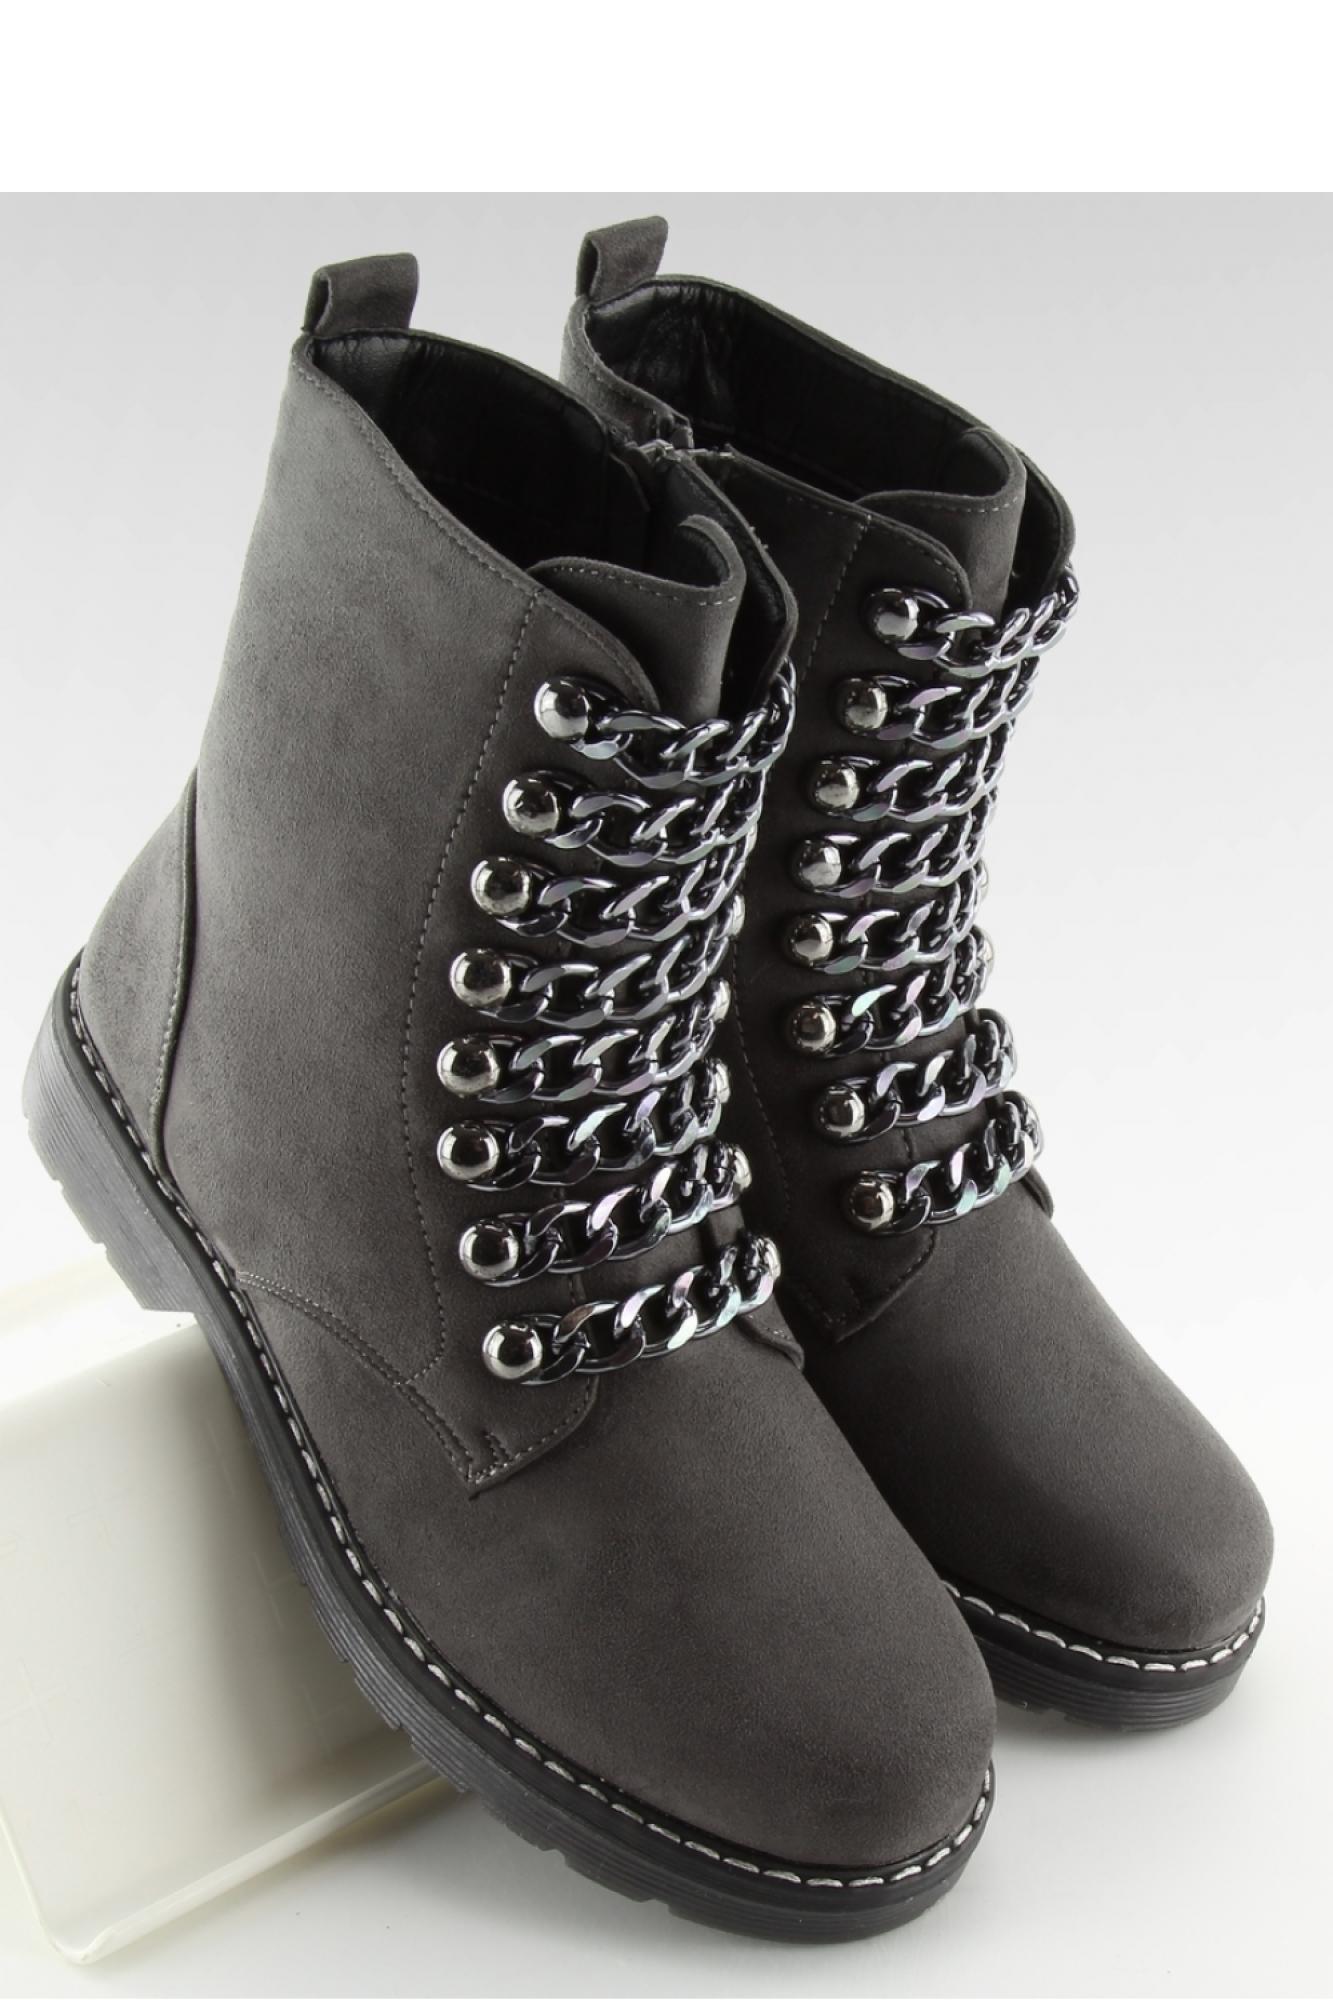 8ff515db235ca Inello - Женская обувь BOTKI WORKERY SZARE 061-27-1 GREY - Inello ~Workery